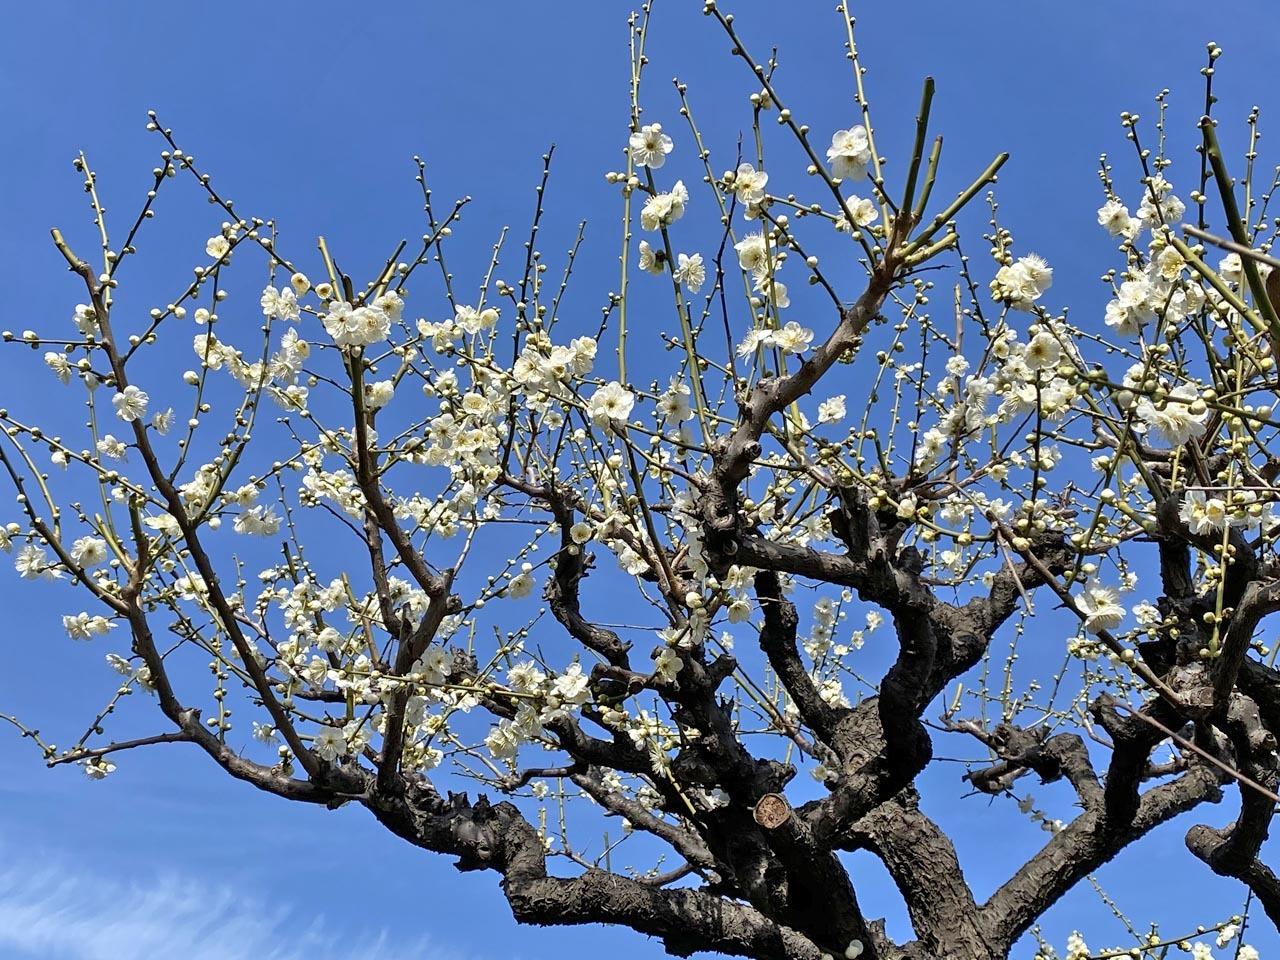 大阪城公園のシロバナタンポポとカンサイタンポポ_c0129047_18274987.jpg